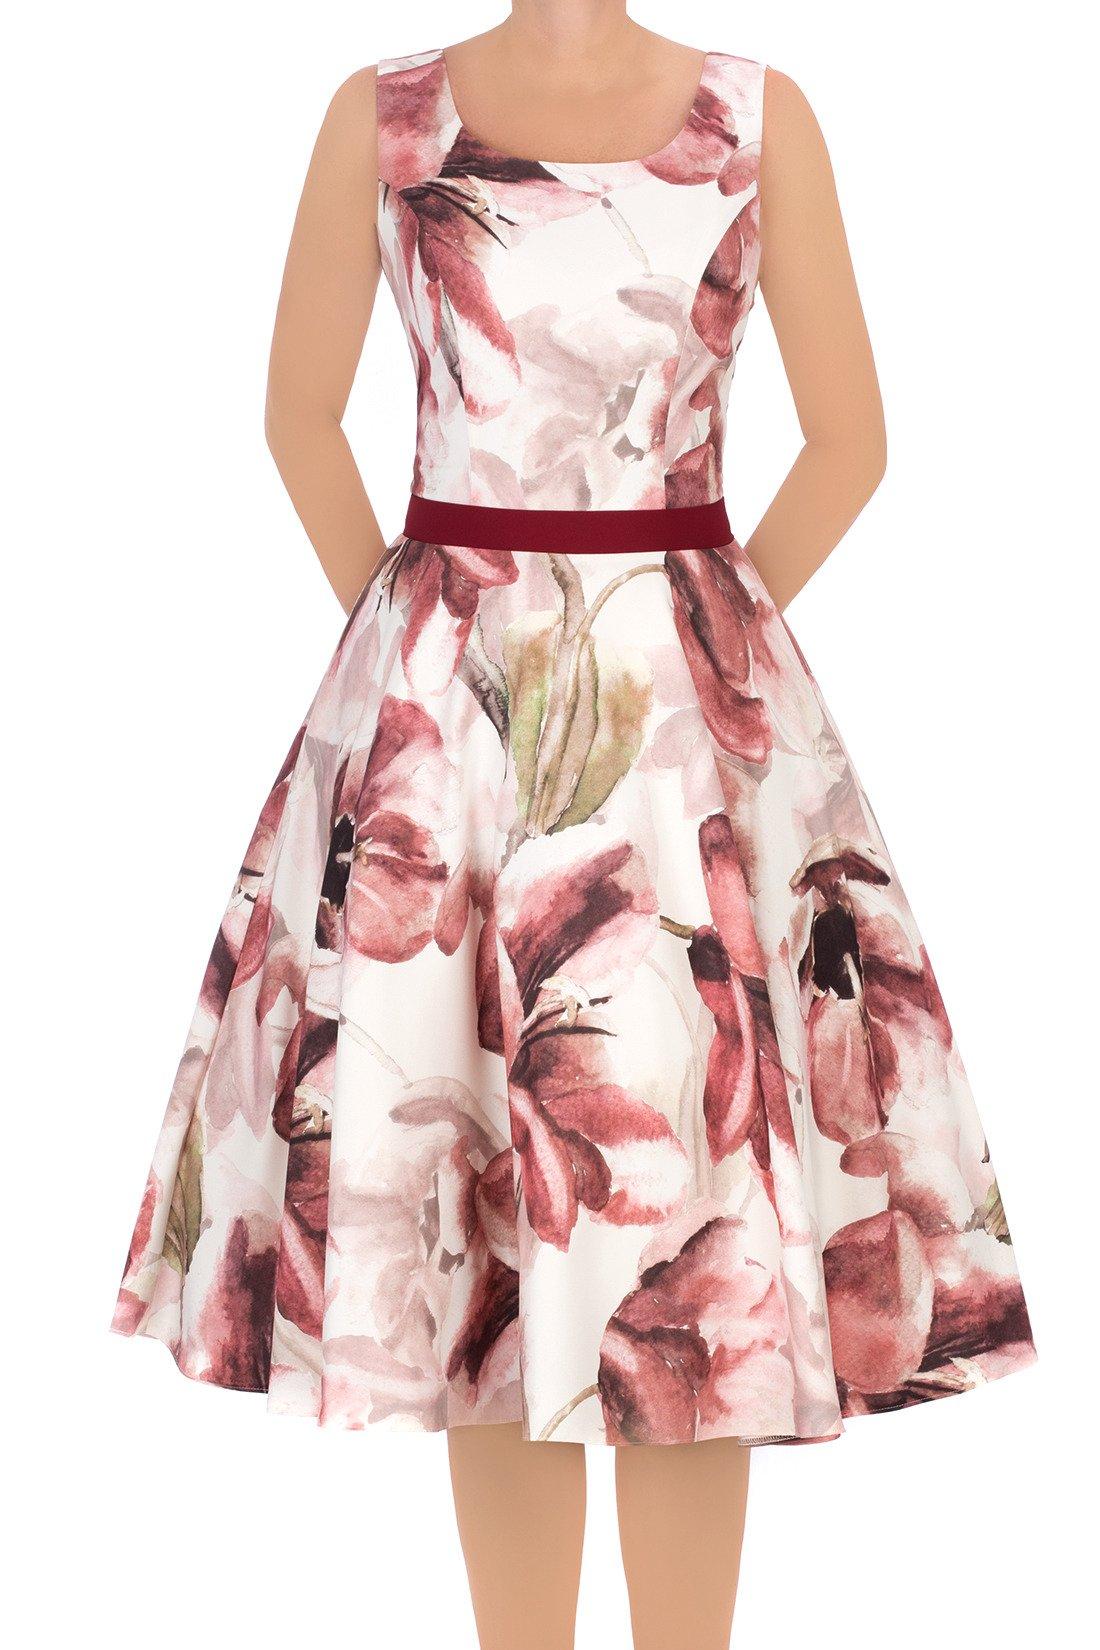 418beaa360 Sukienka Cller rozkloszowania w różowe kwiaty Kliknij